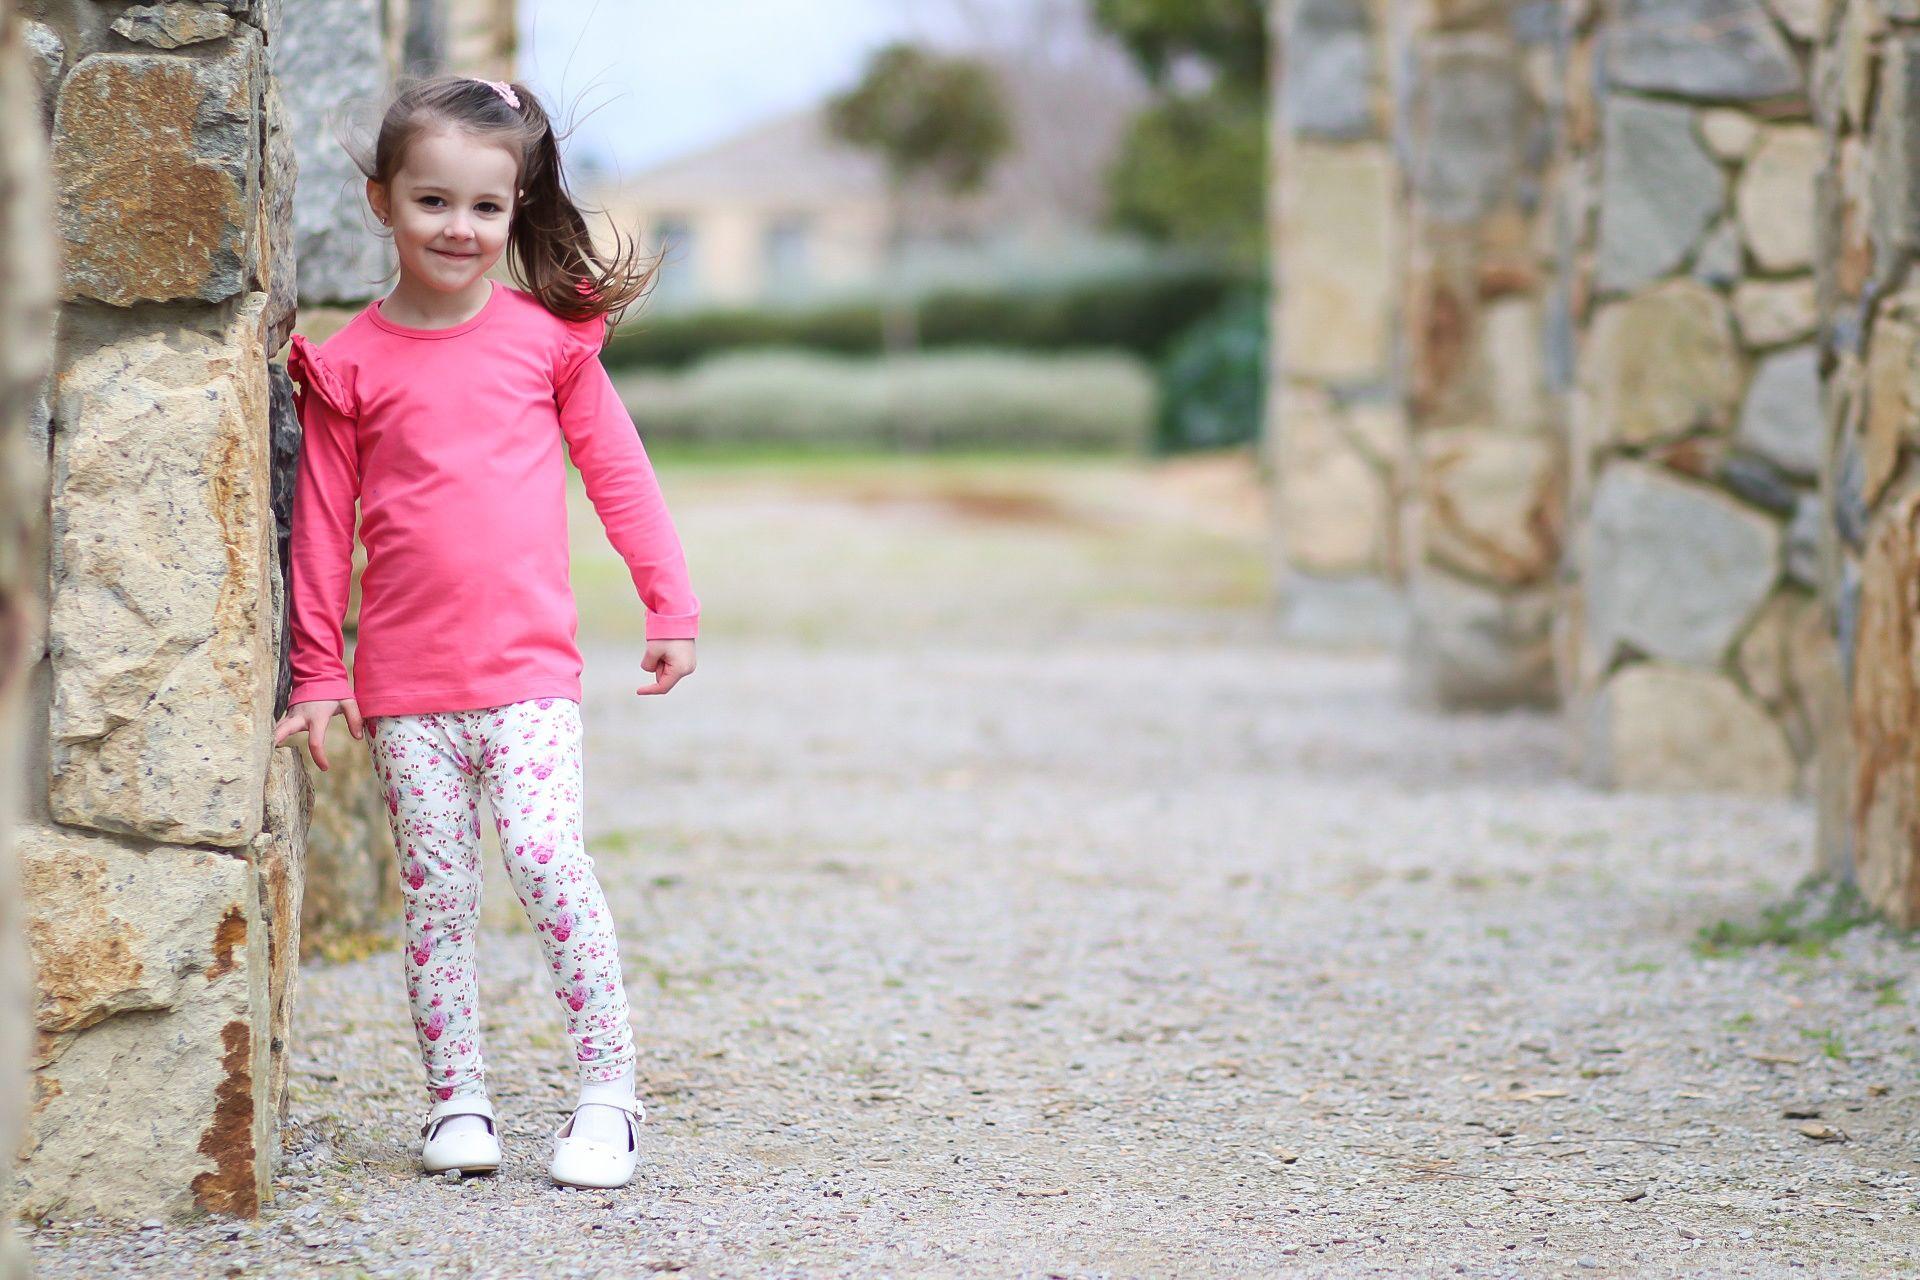 Cute girl wearing floral leggings